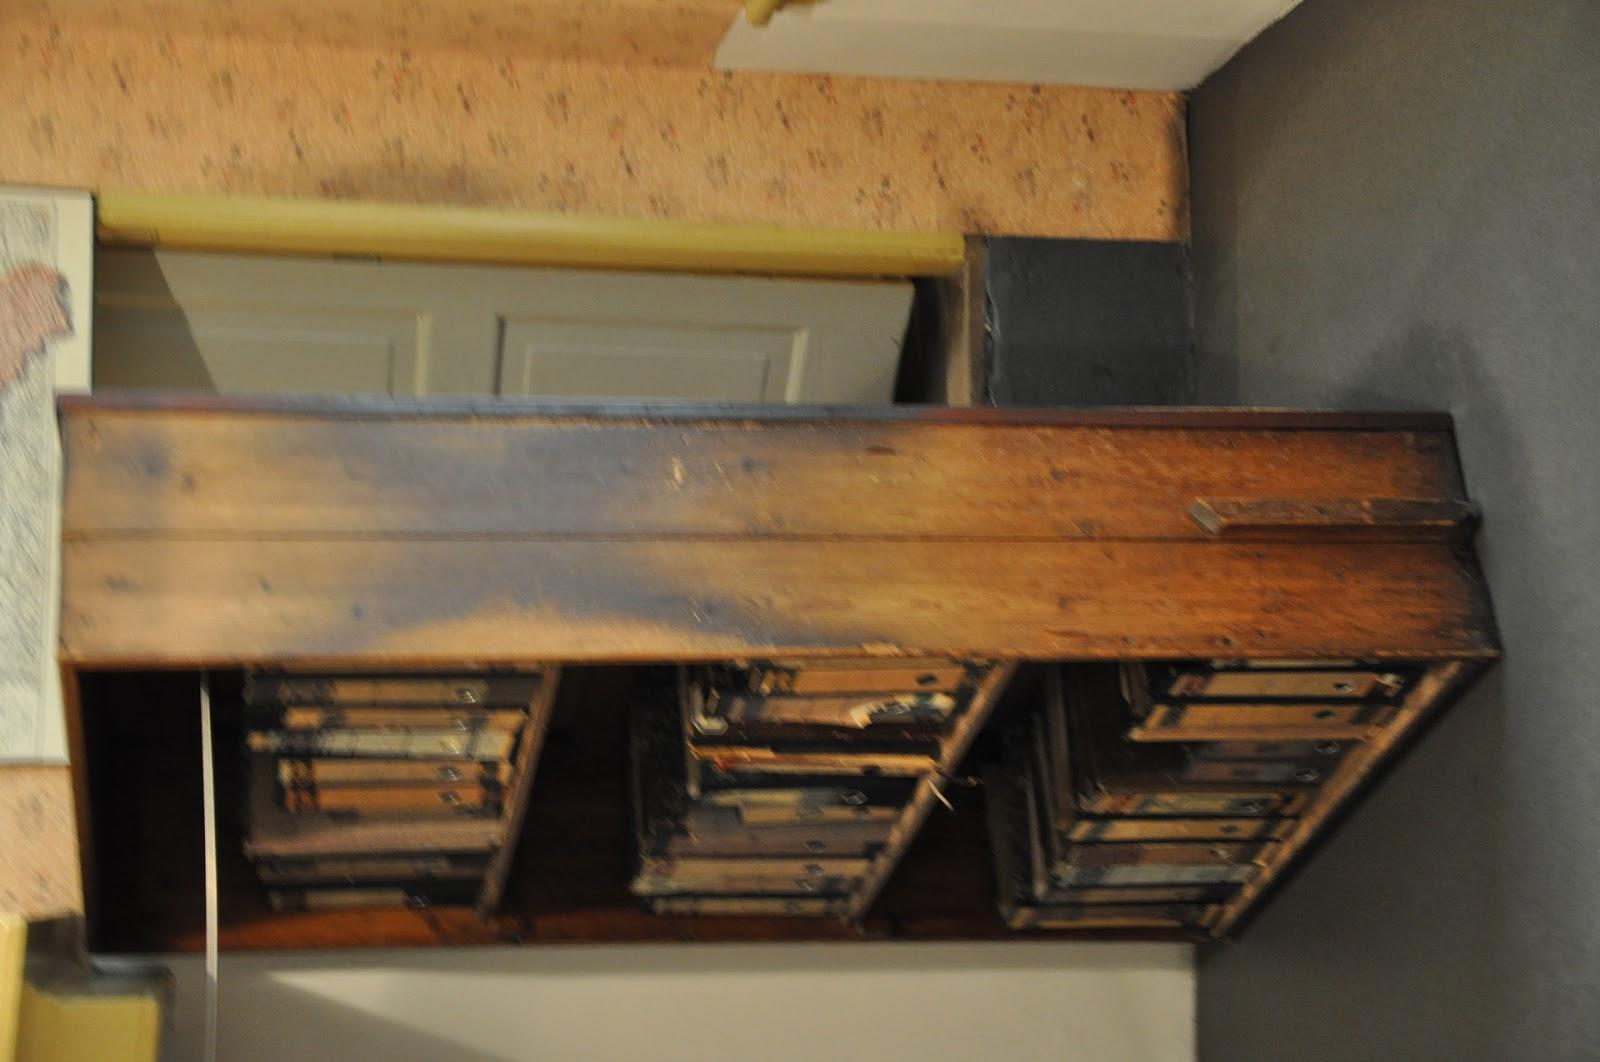 the gallery for anne franks secret annex floor plan. Black Bedroom Furniture Sets. Home Design Ideas